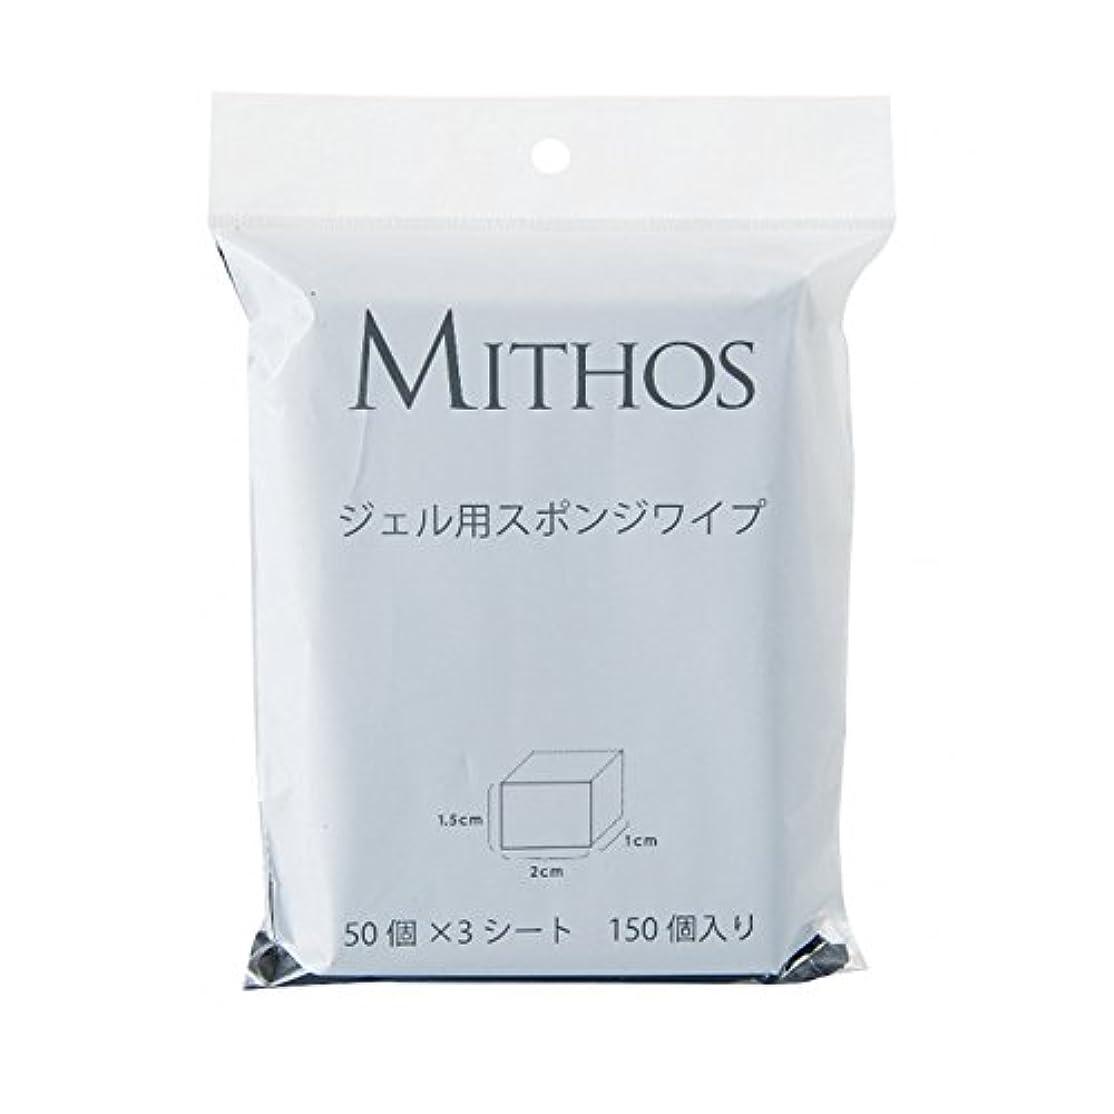 協力縁石に渡ってMITHOS ジェル用スポンジワイプ 150P 1.5×2×1cm 50個×3シート